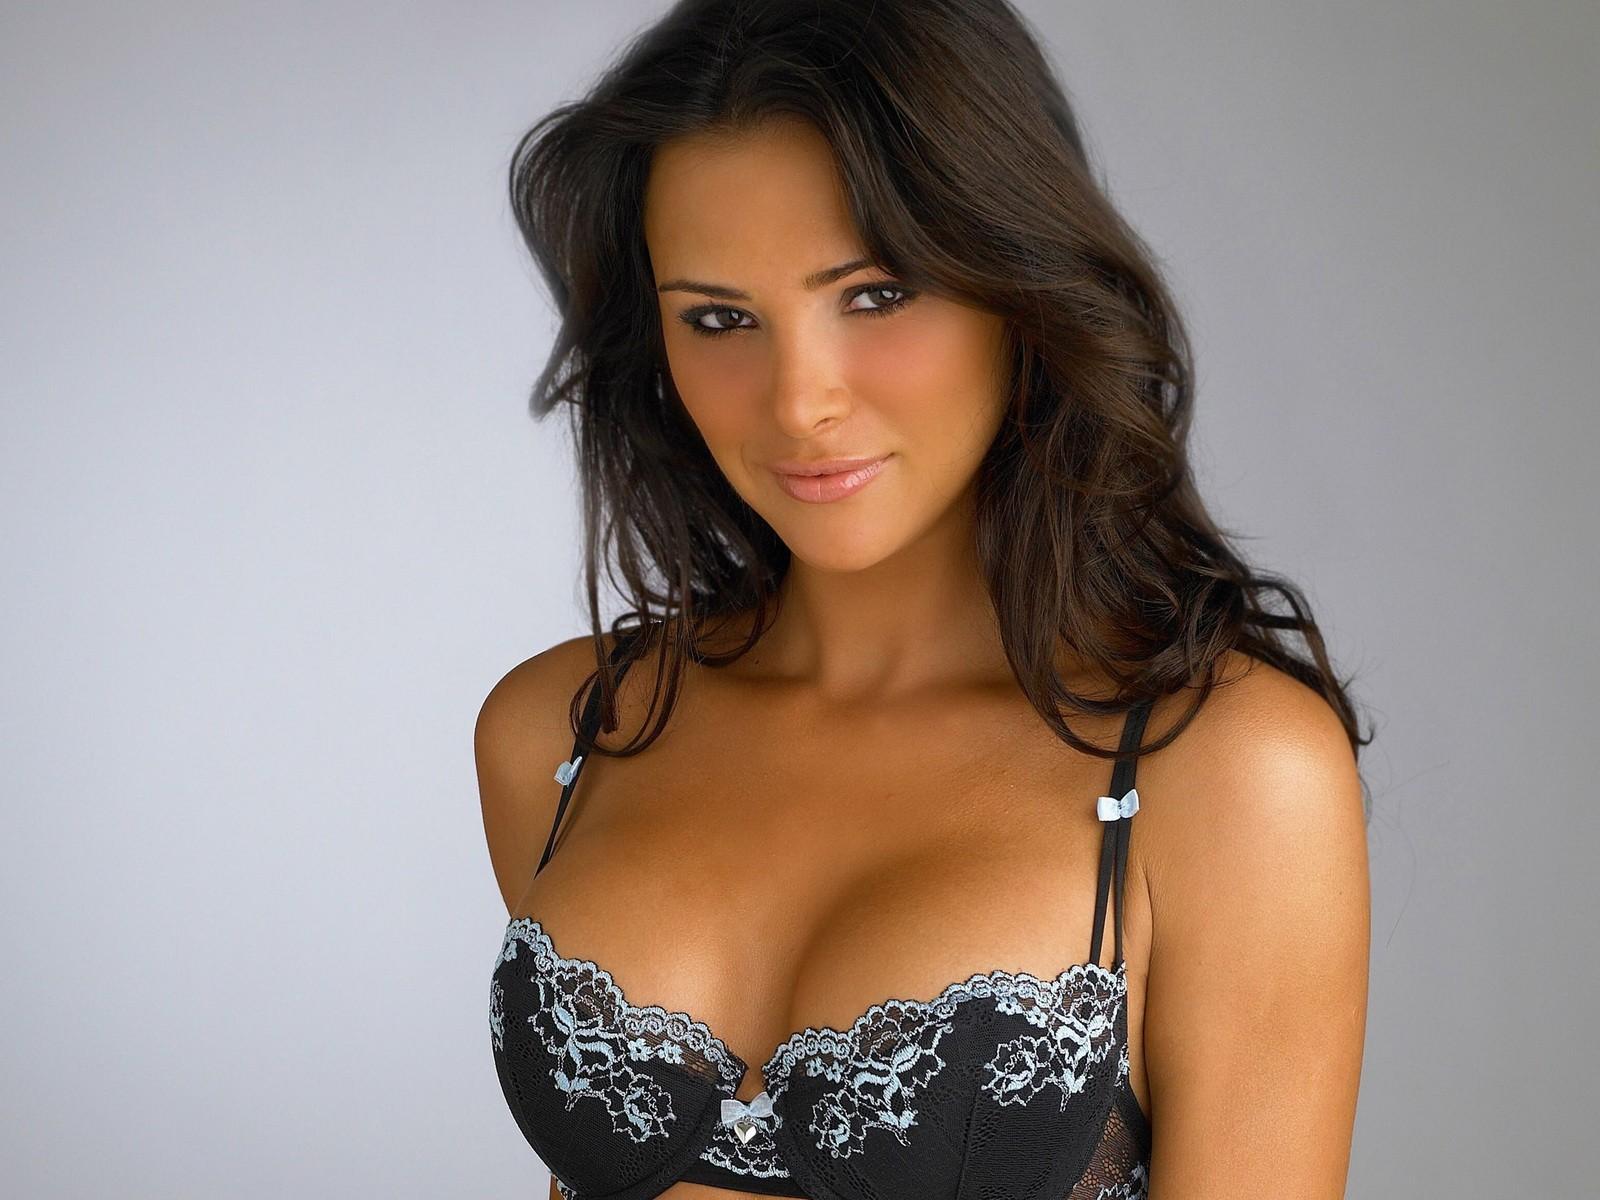 Фото самых красивых грудей девушек, Девушки с очень красивой грудью (45 фото) 12 фотография